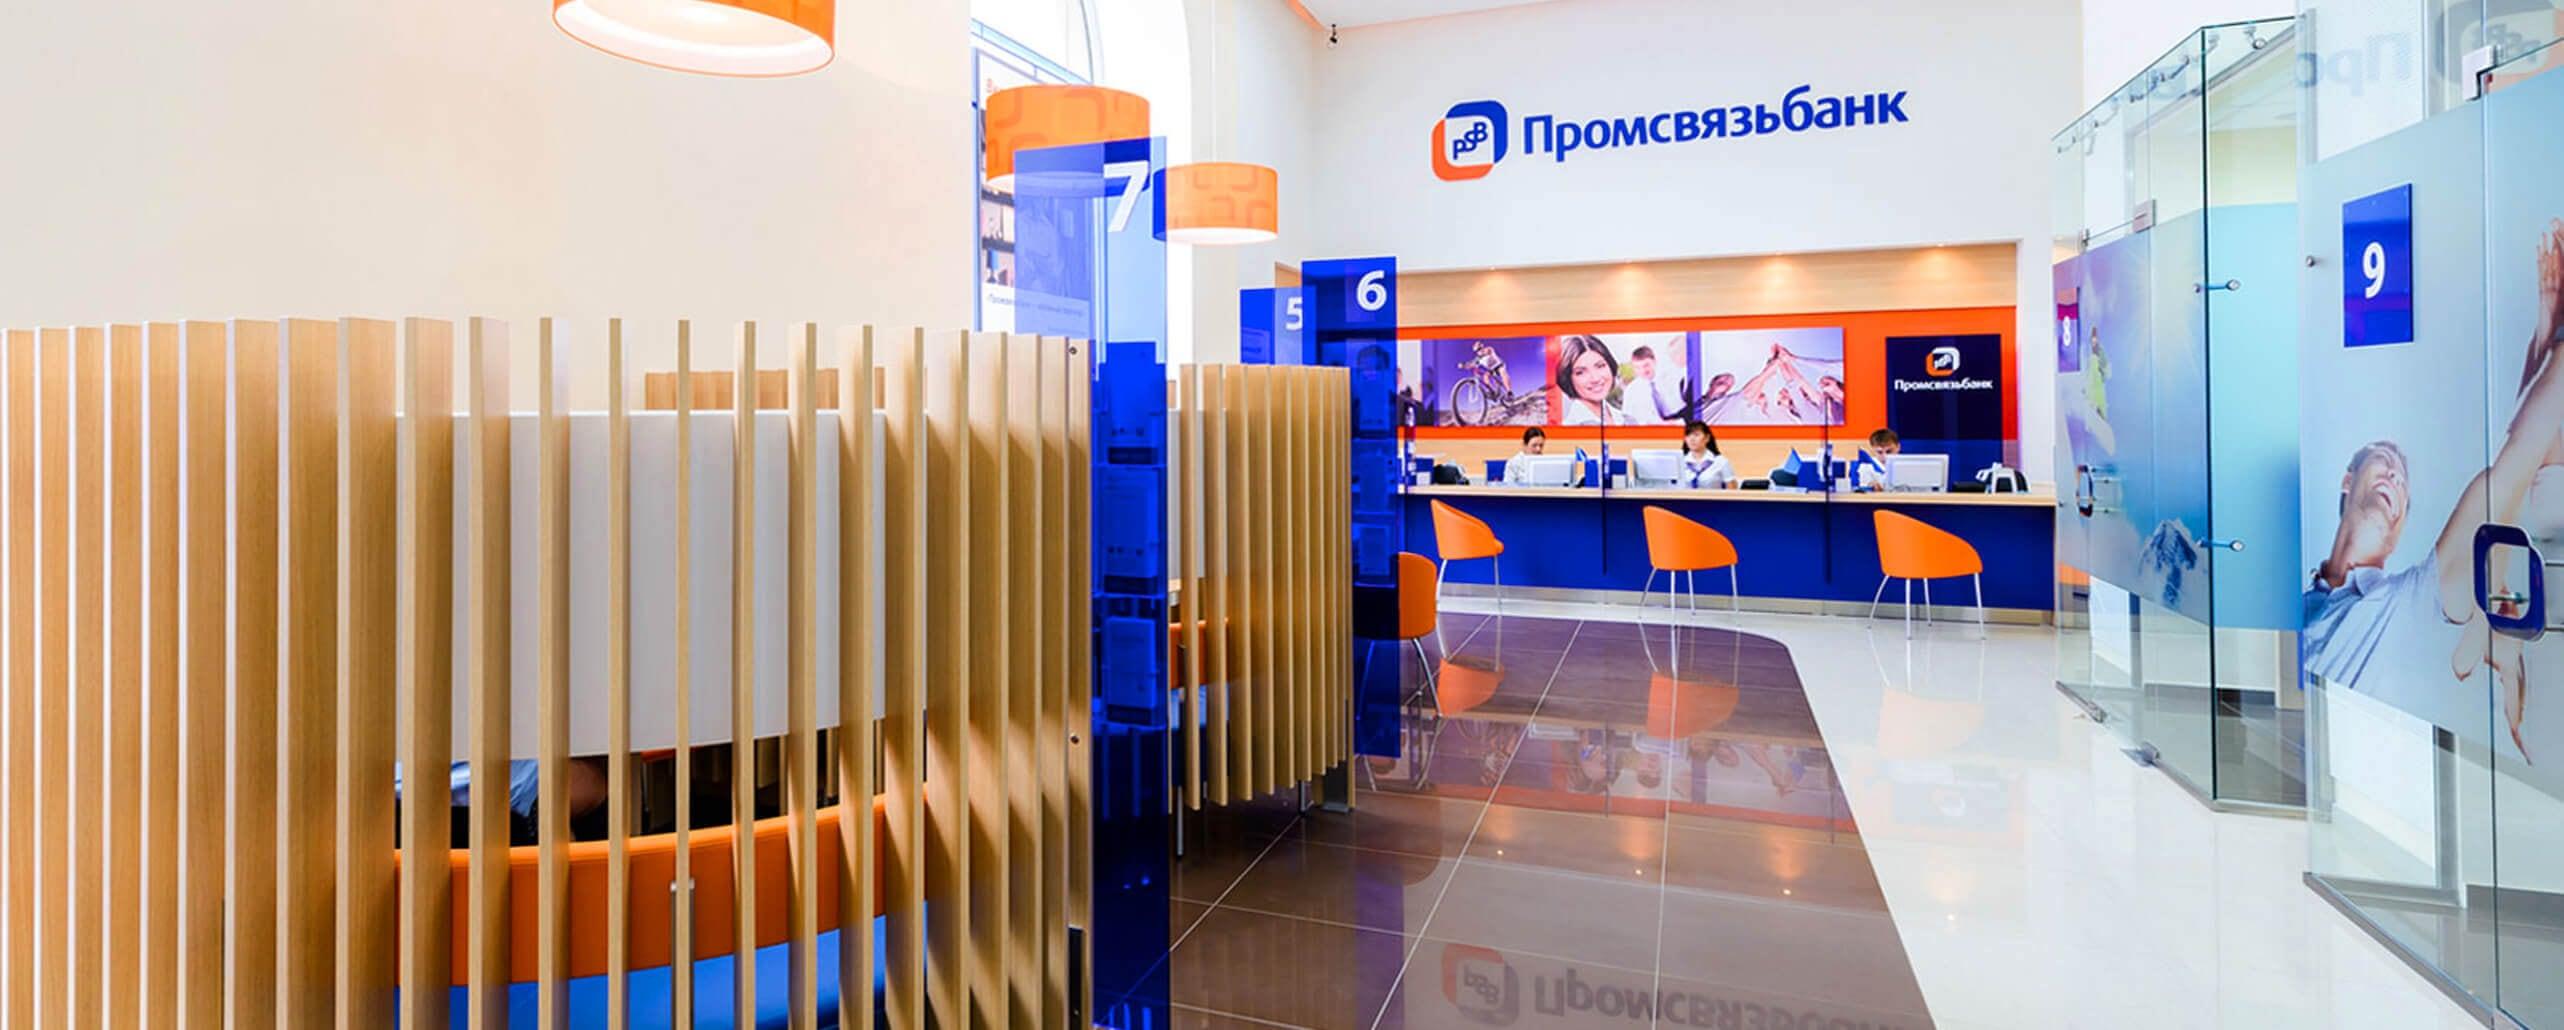 ПАО Промсвязьбанк - Установка системы VGL Патруль